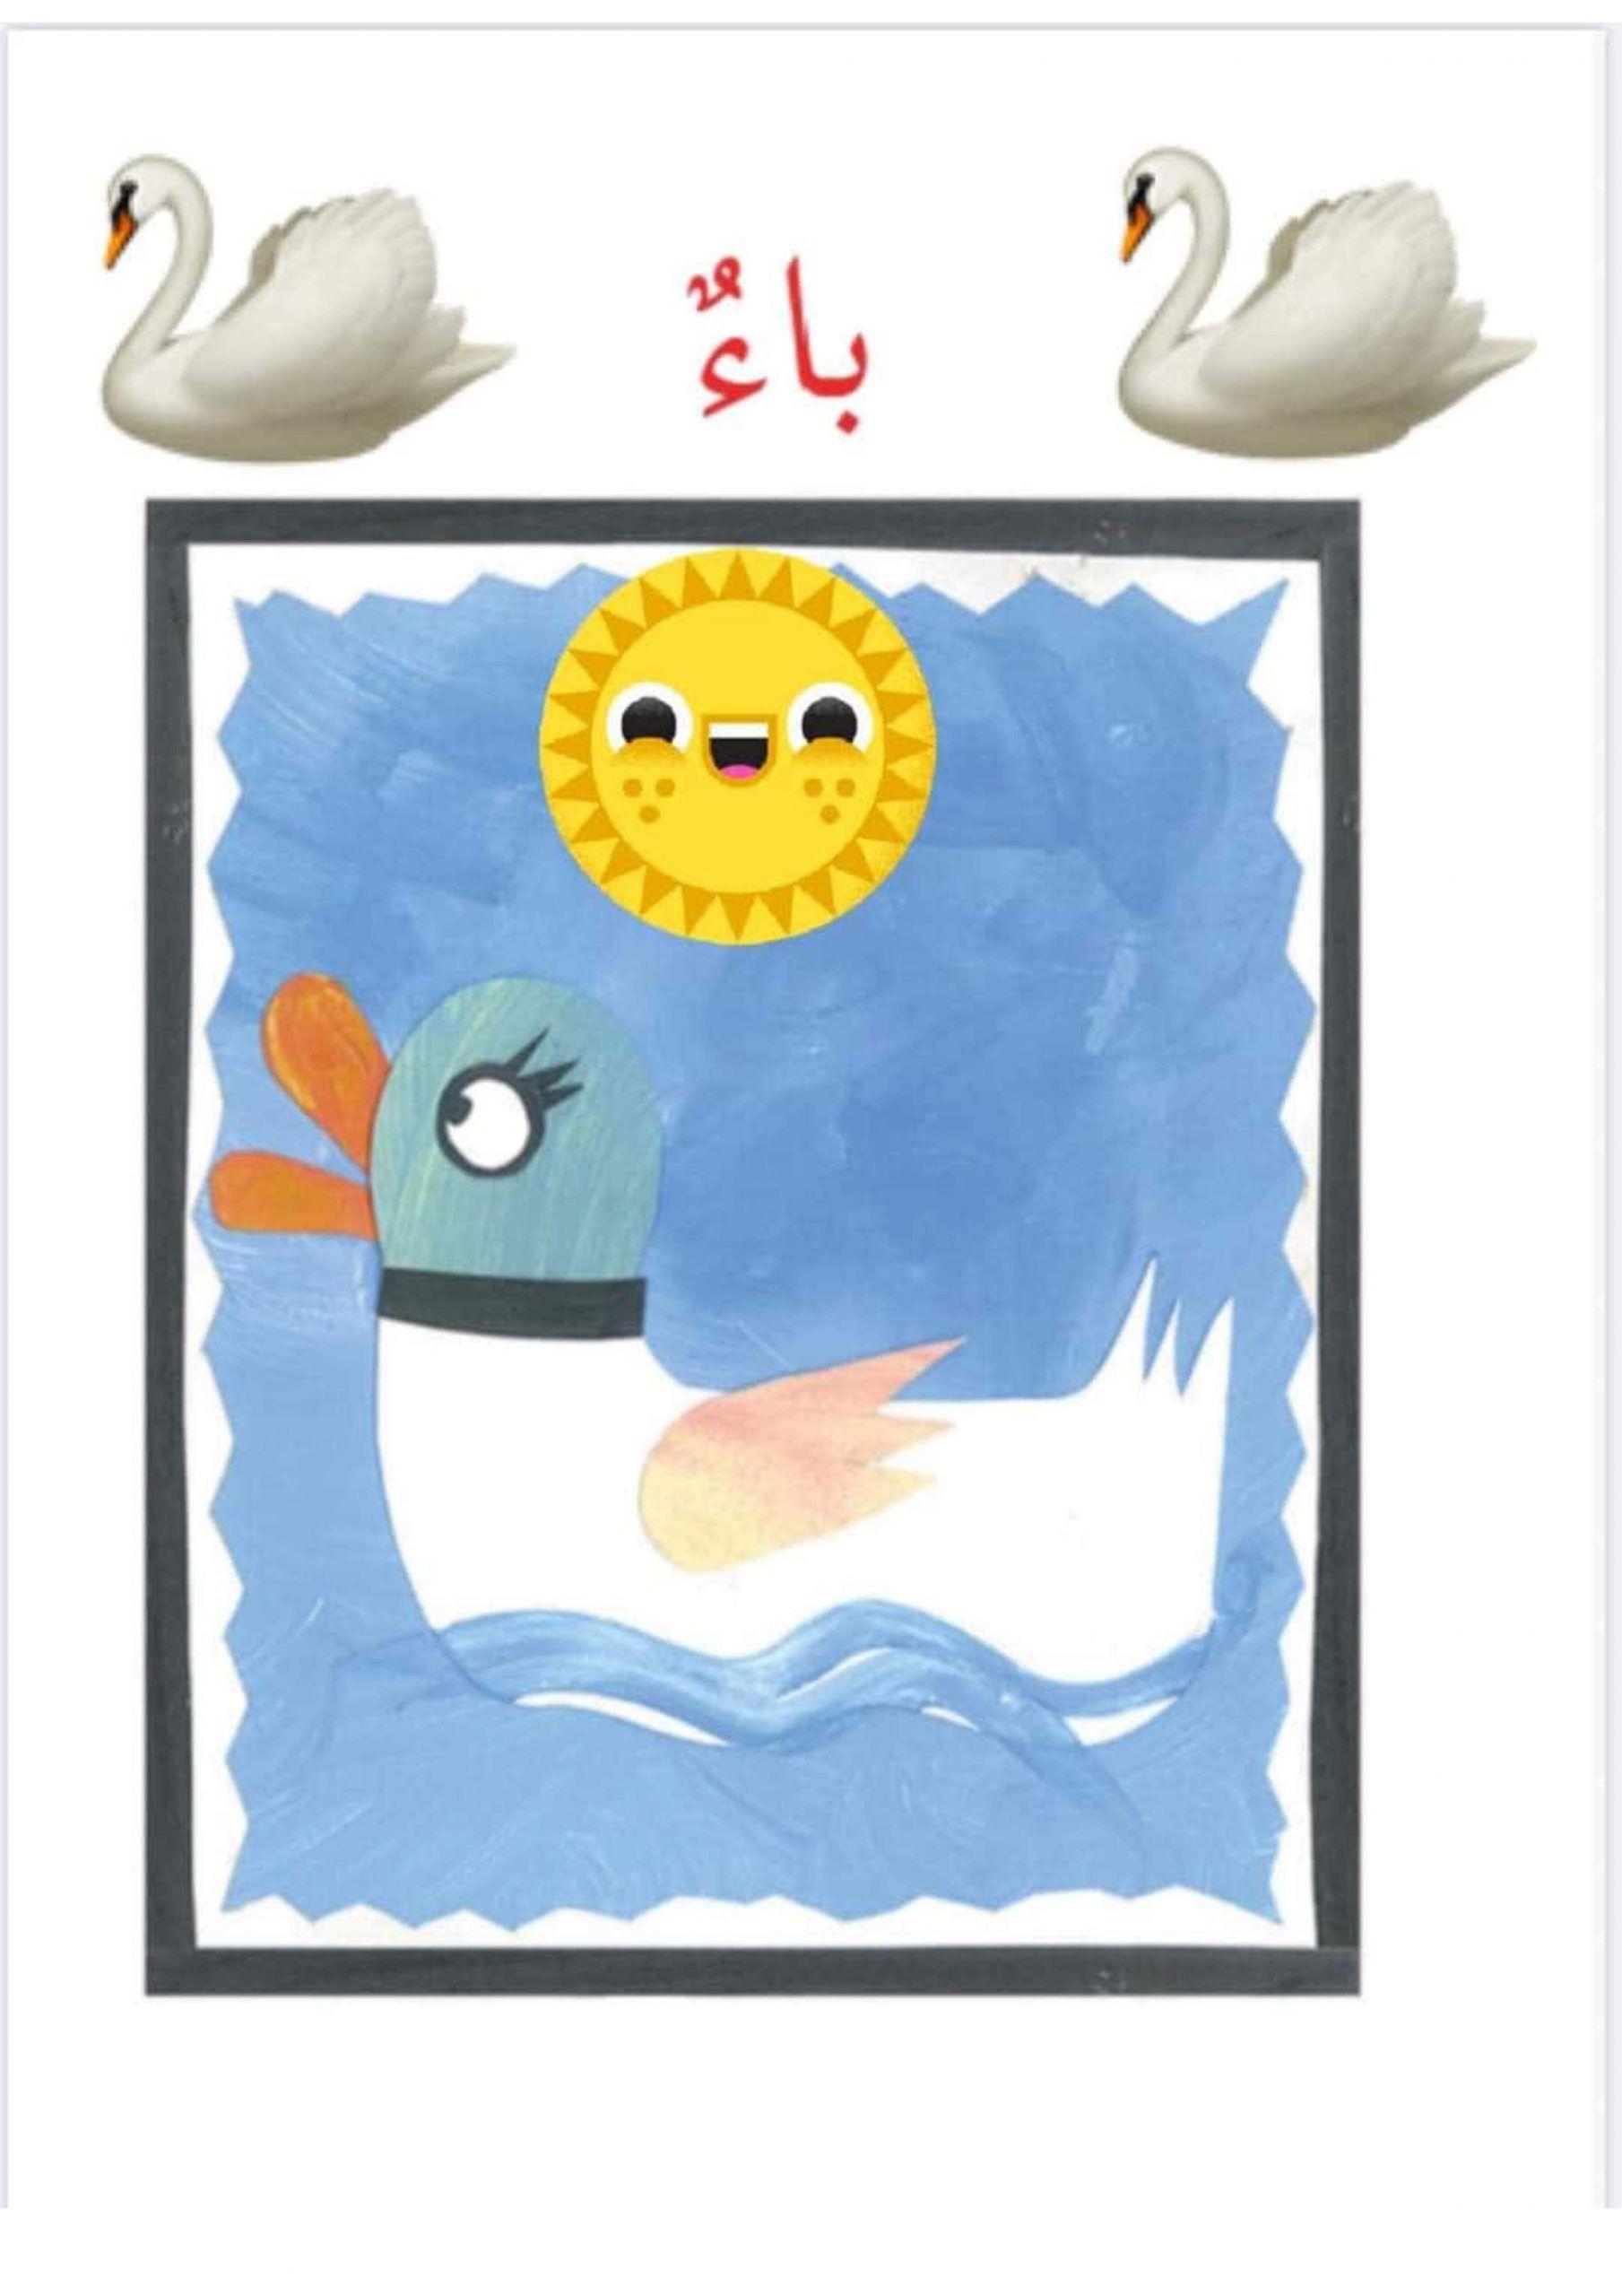 قصة حرف الباء تساعد الاطفال على معرفة شكل الحرف School Themes Teach Arabic Olaf The Snowman